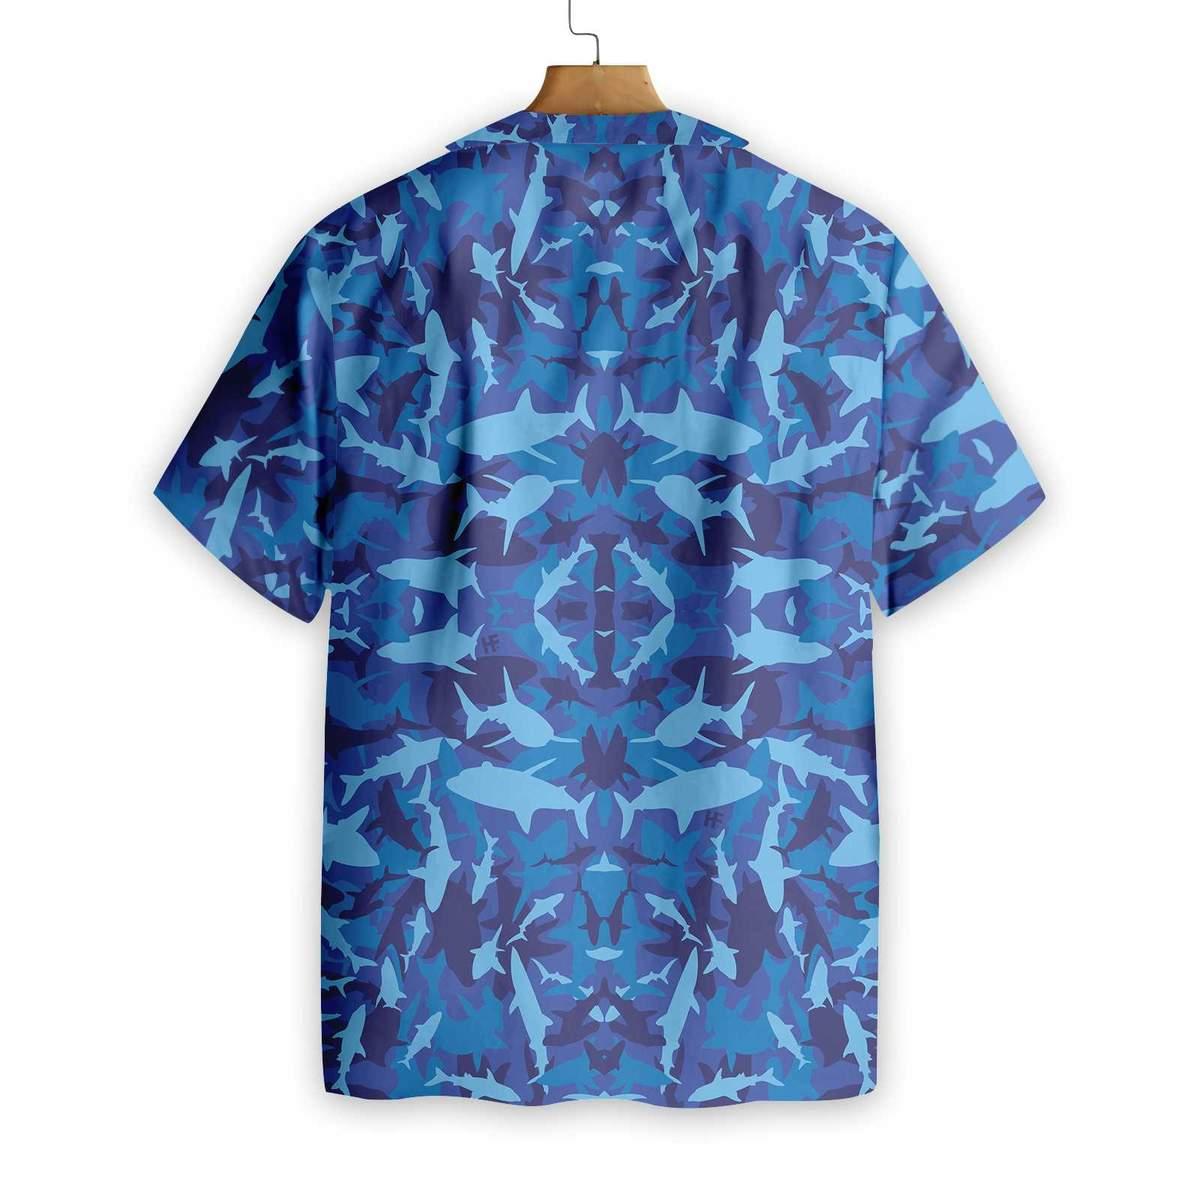 Shark Blue Camo Pattern Hawaiian Shirt1